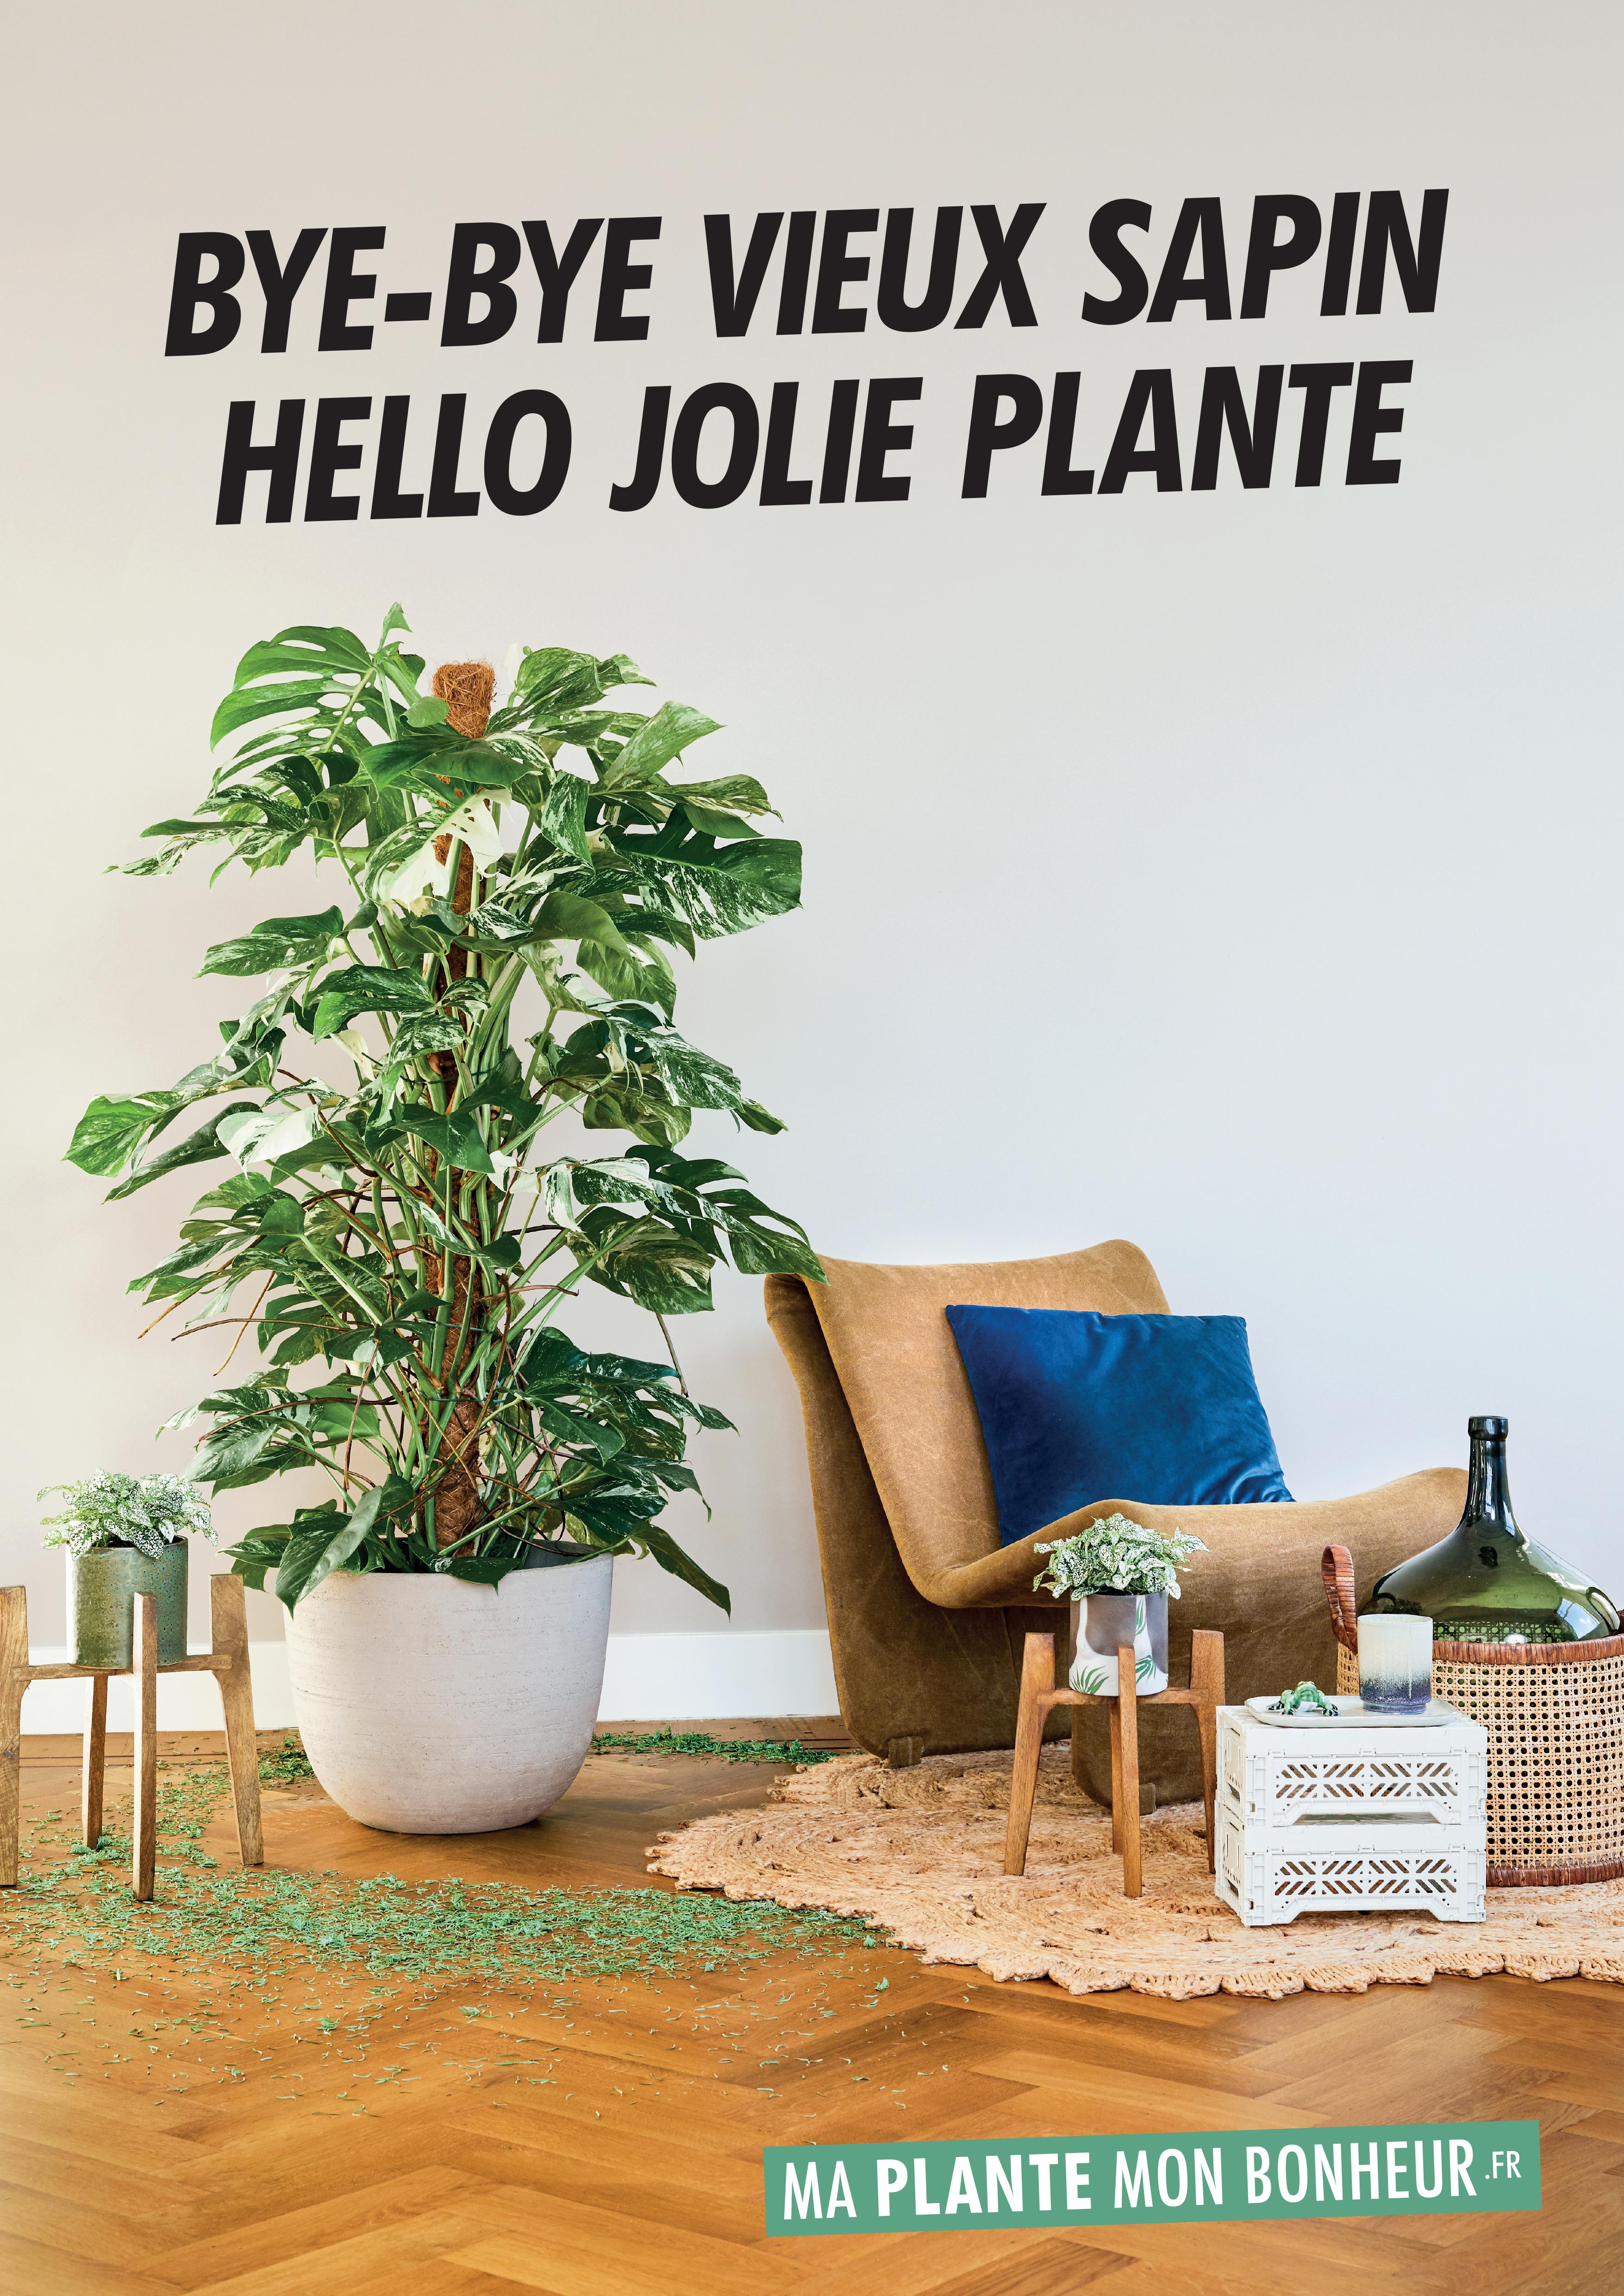 Plante D Intérieur Tendance bye bye vieux sapin, hello jolie plante édition 2019